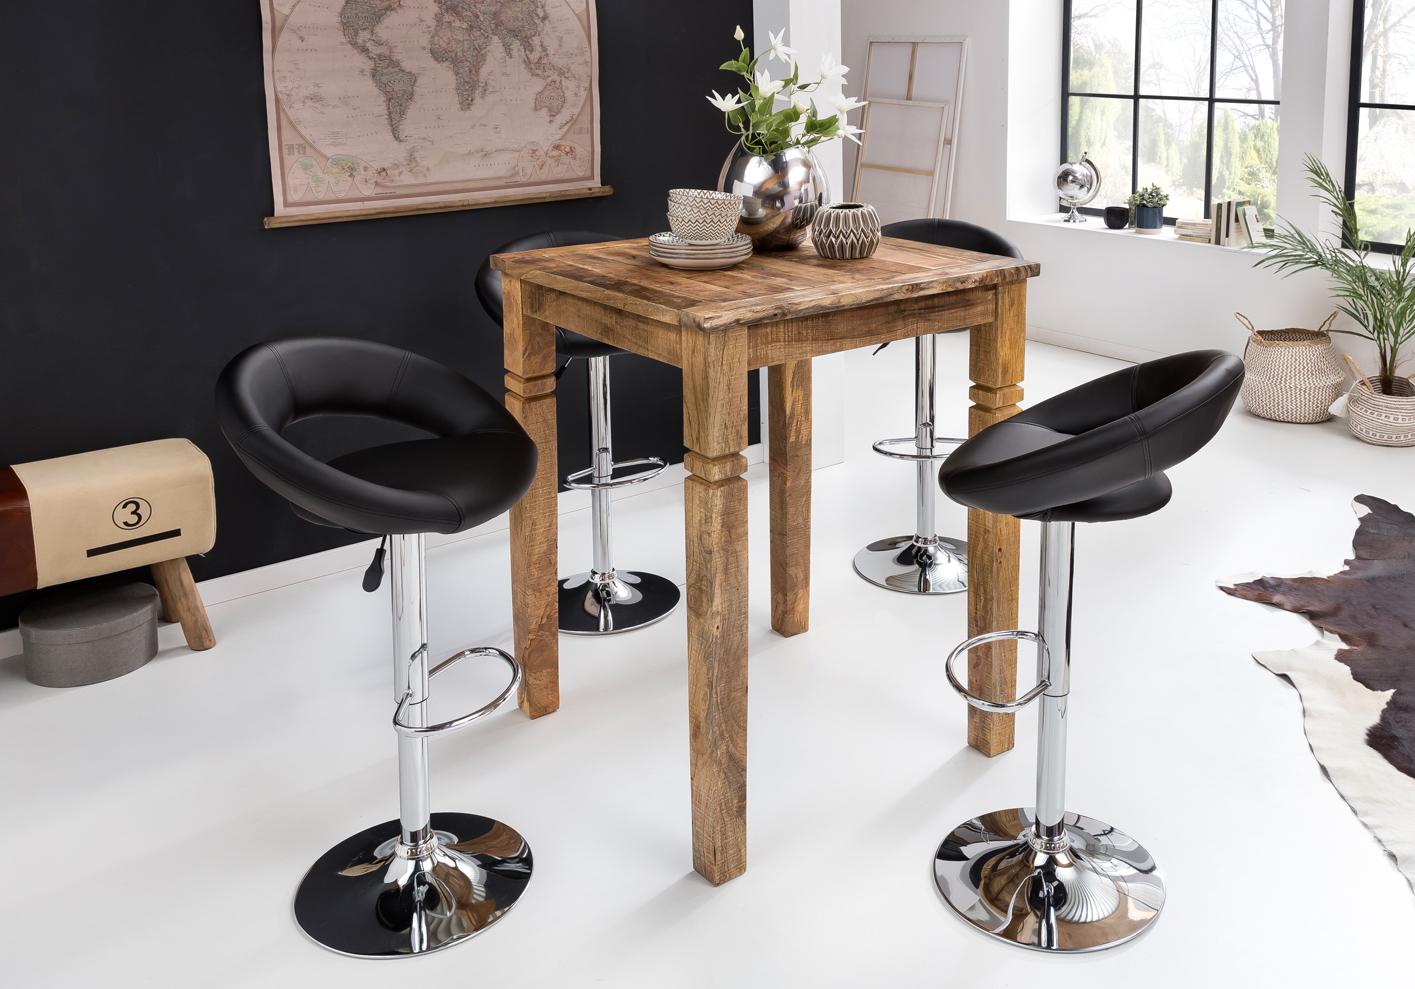 Full Size of Küchenbartisch Finebuy Stehtisch Rusti 80 110 80cm Mango Echt Holz Wohnzimmer Küchenbartisch